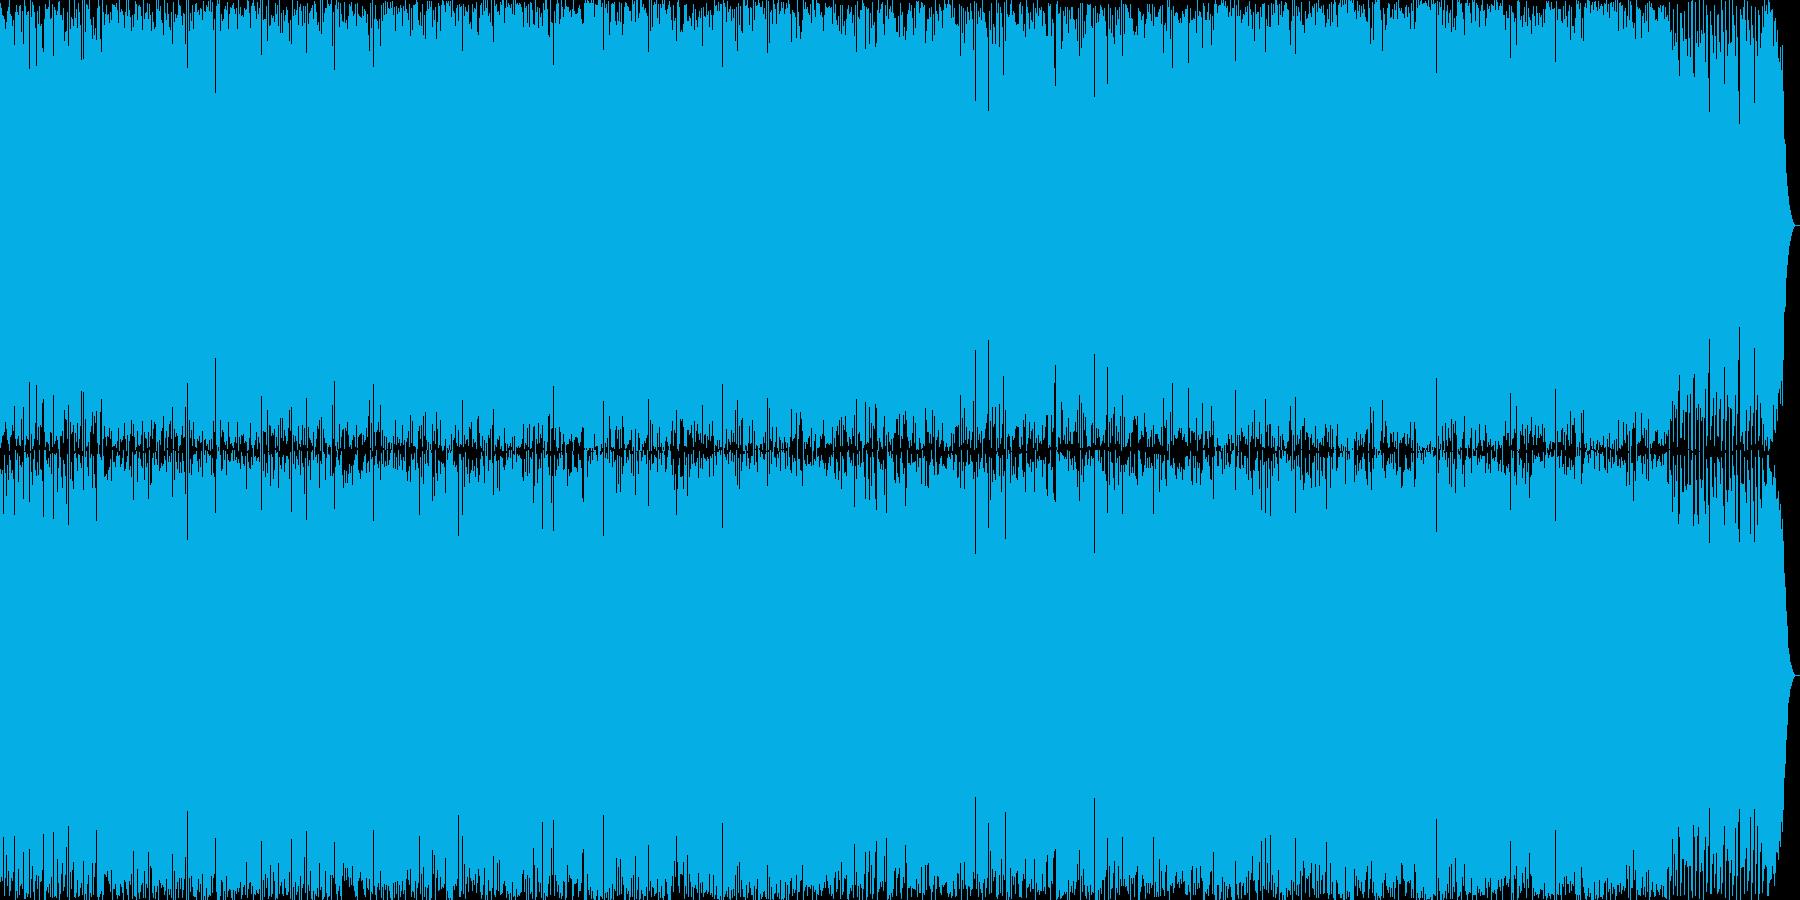 スポーツ描写にぴったりのアグレッシブな曲の再生済みの波形